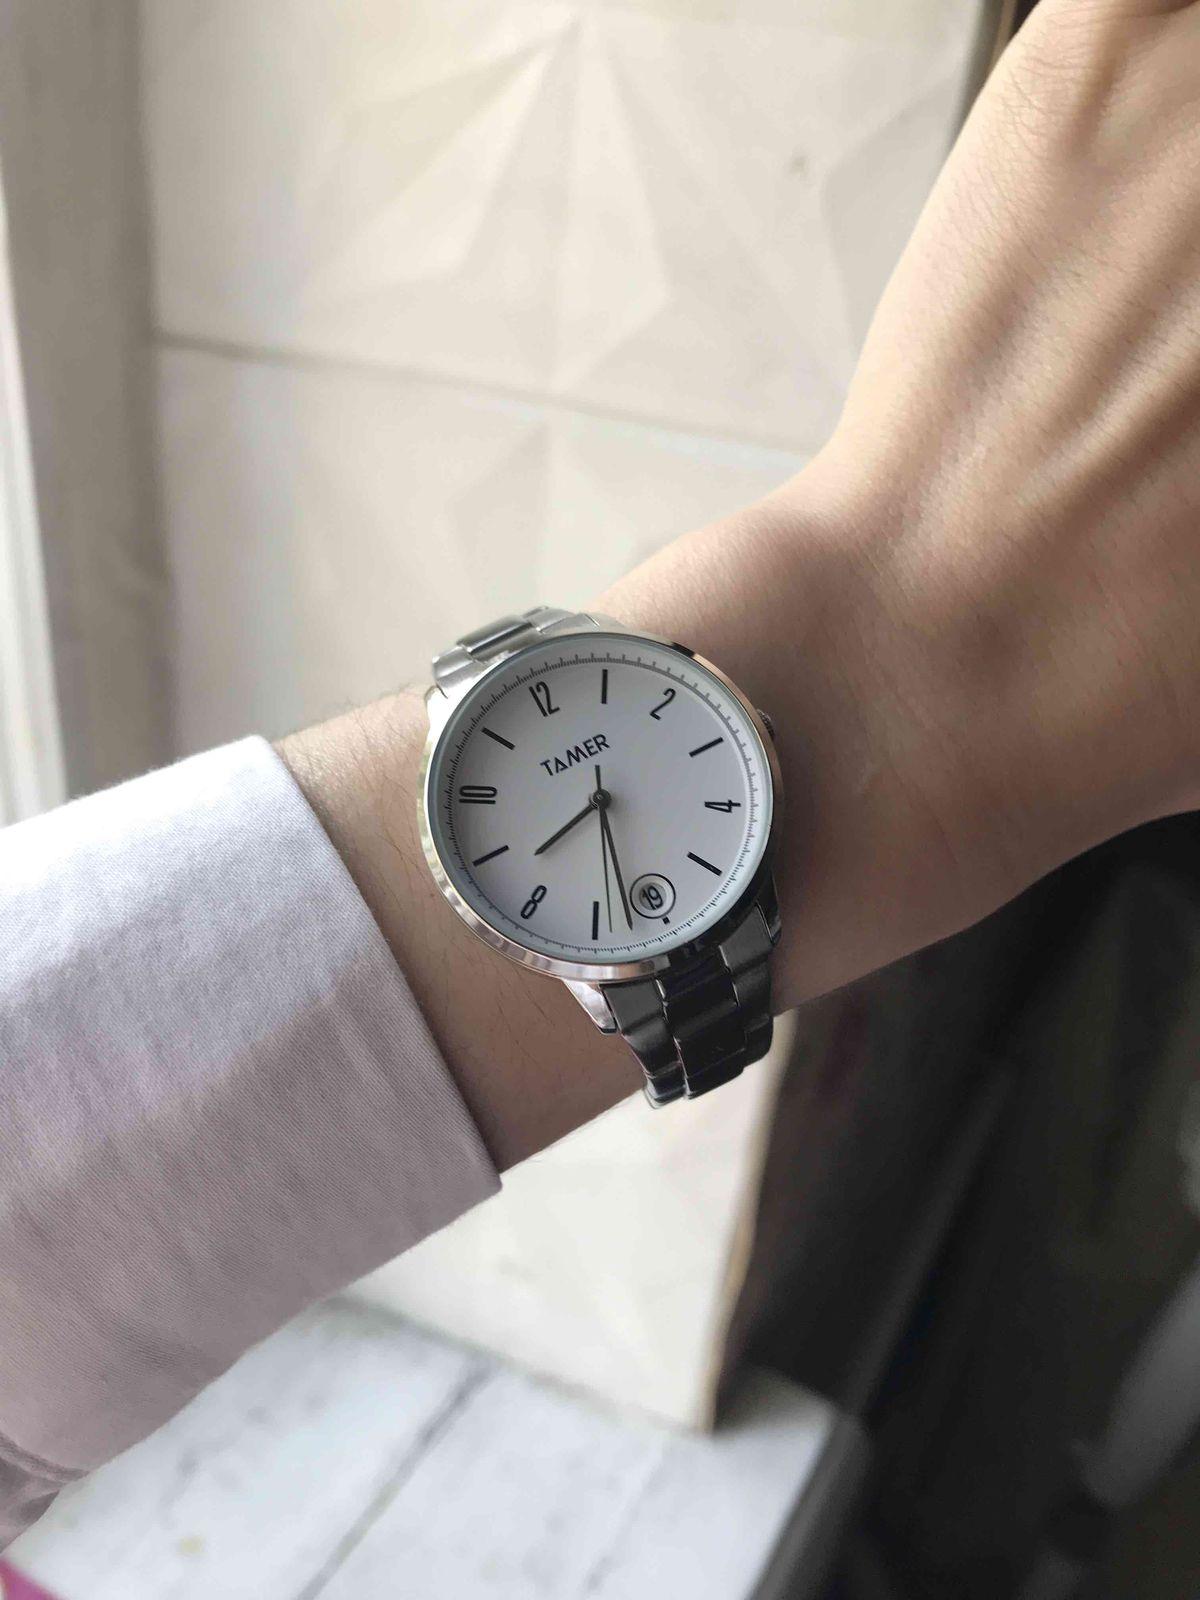 Часы очень милые и красиво смотрятся